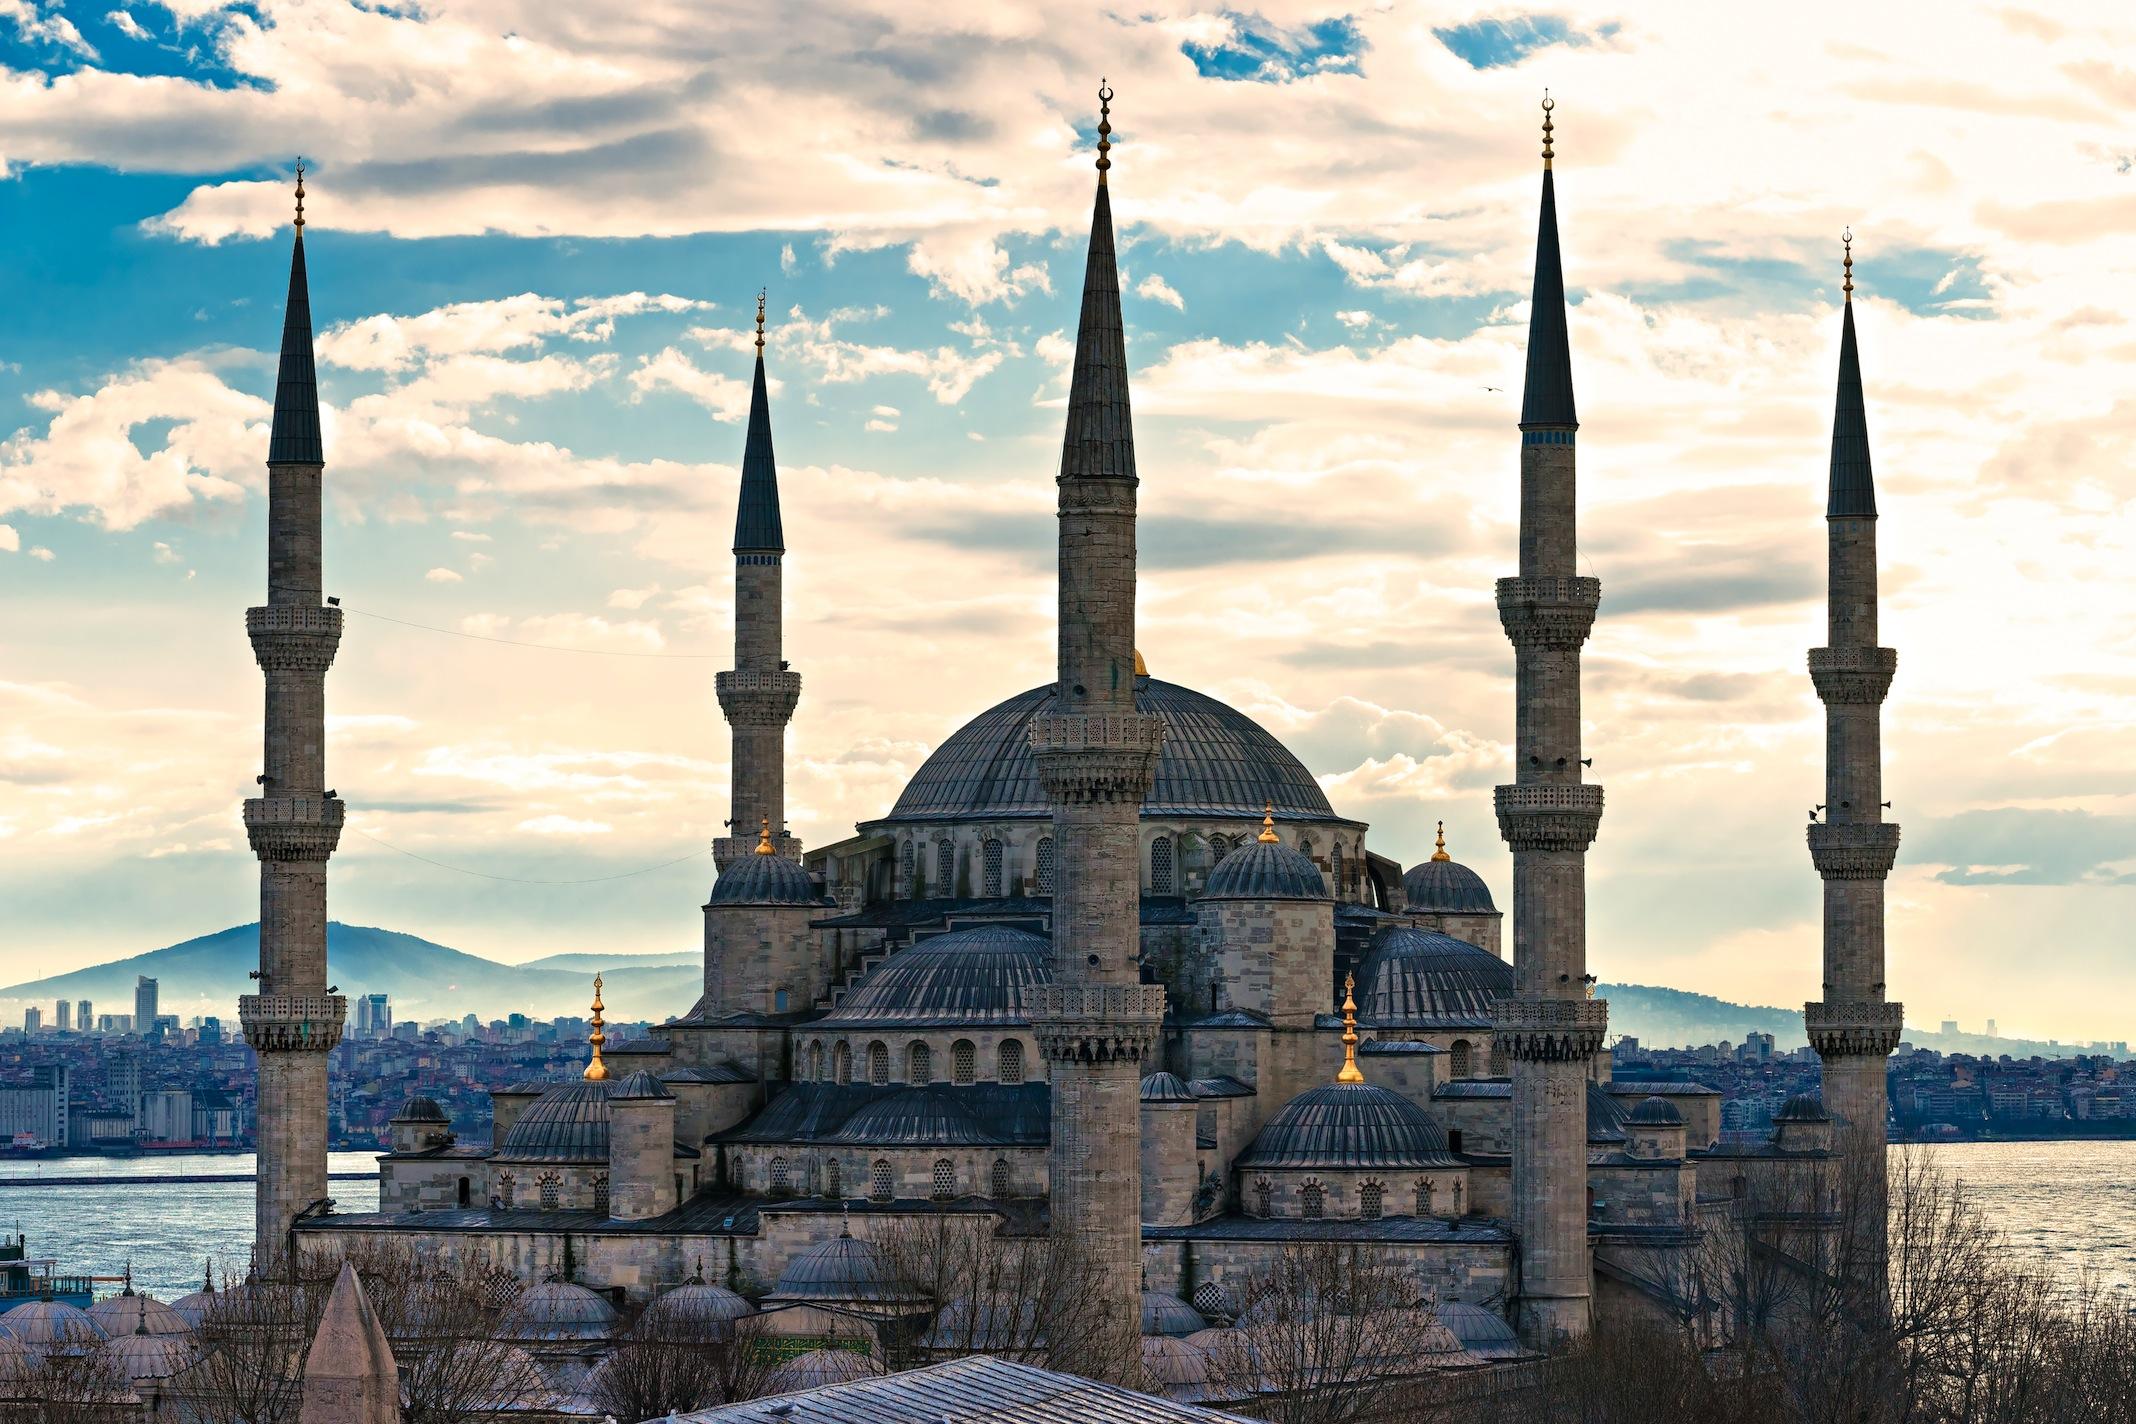 Mosquée Sultan Ahmed papier peint appliqué sur le mur